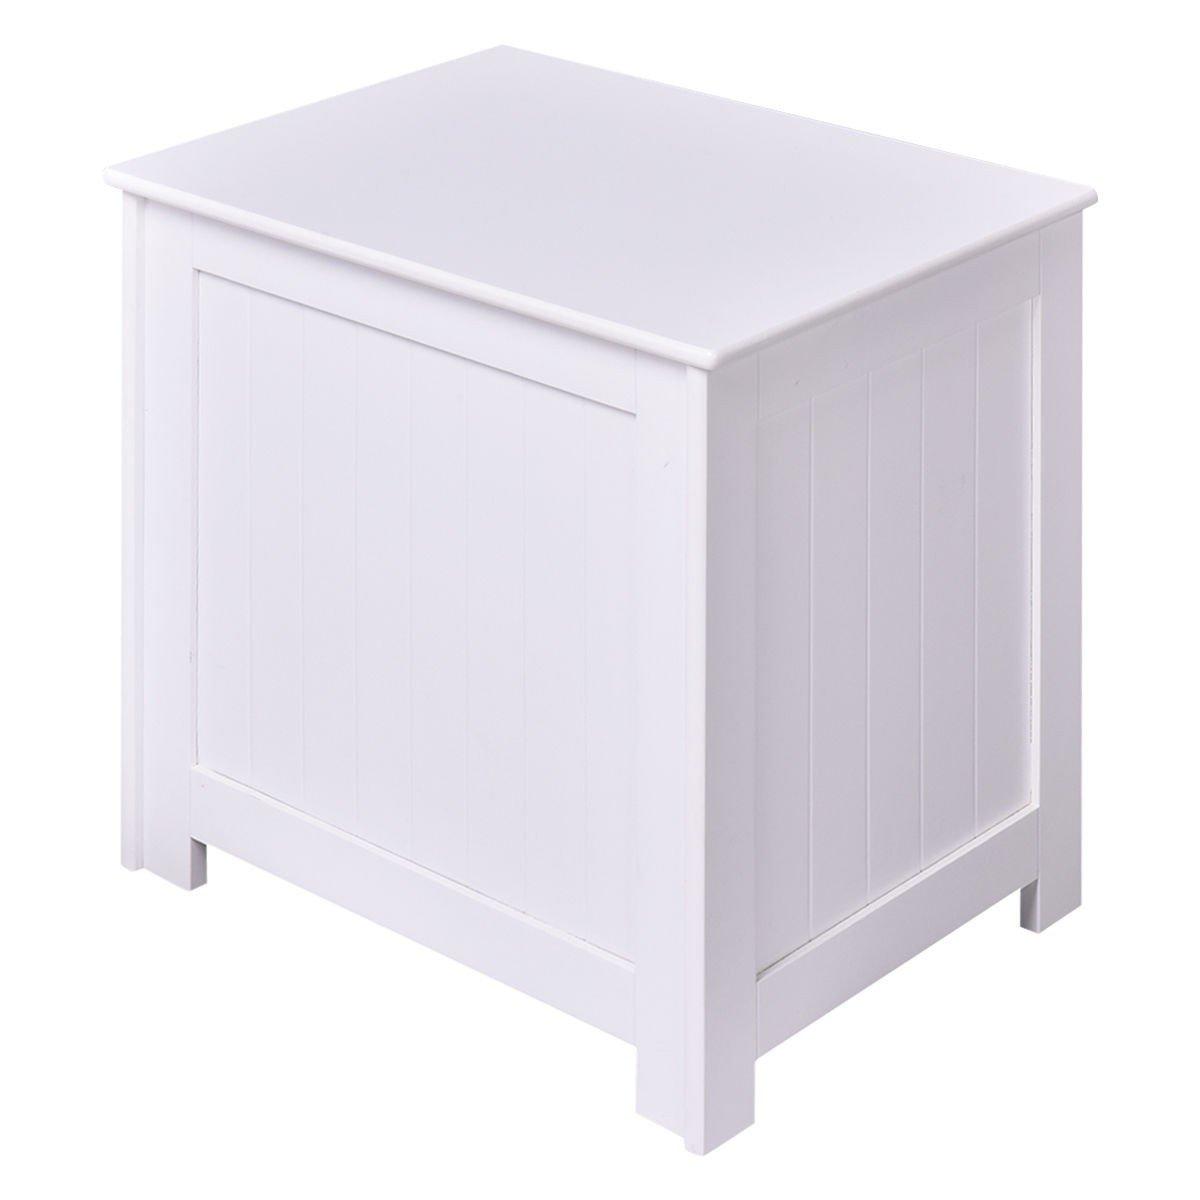 Apontus White Wood Laundry Hamper Clothes Storage Basket